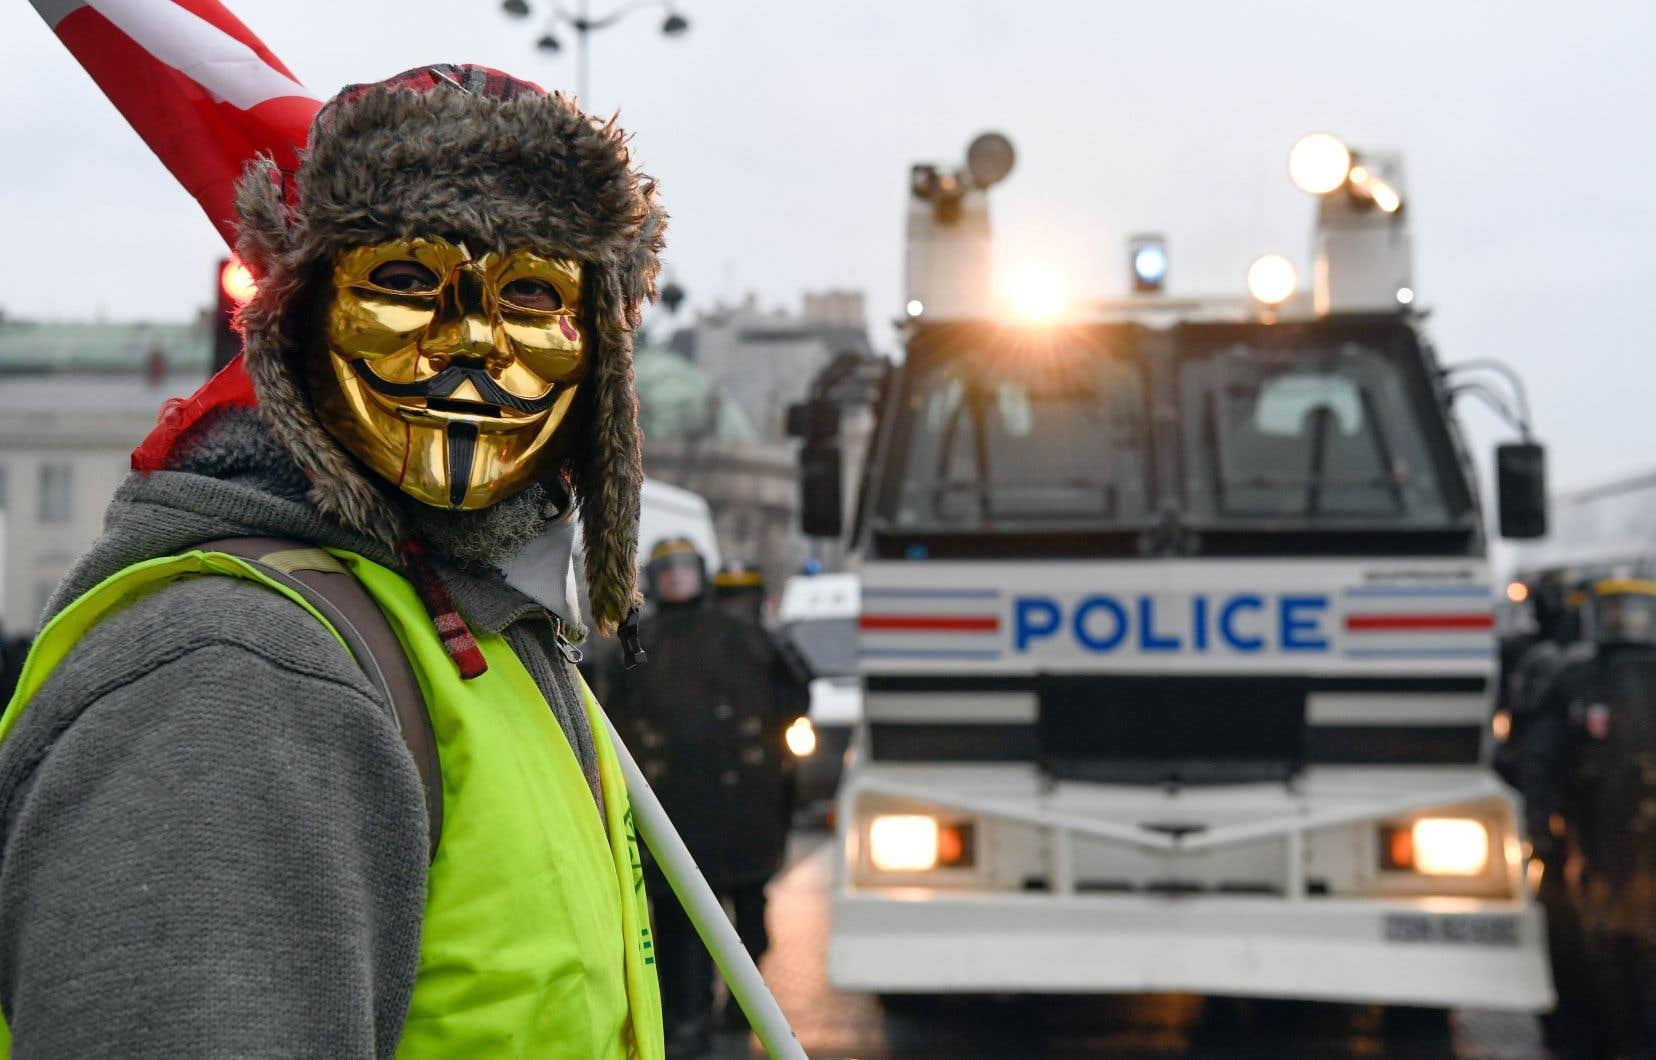 Un membre des gilets jaunes, arborant un masque de Guy Fawkes doré, a été photographié devant un véhicule policier lors des manifestations de samedi dernier à Paris.